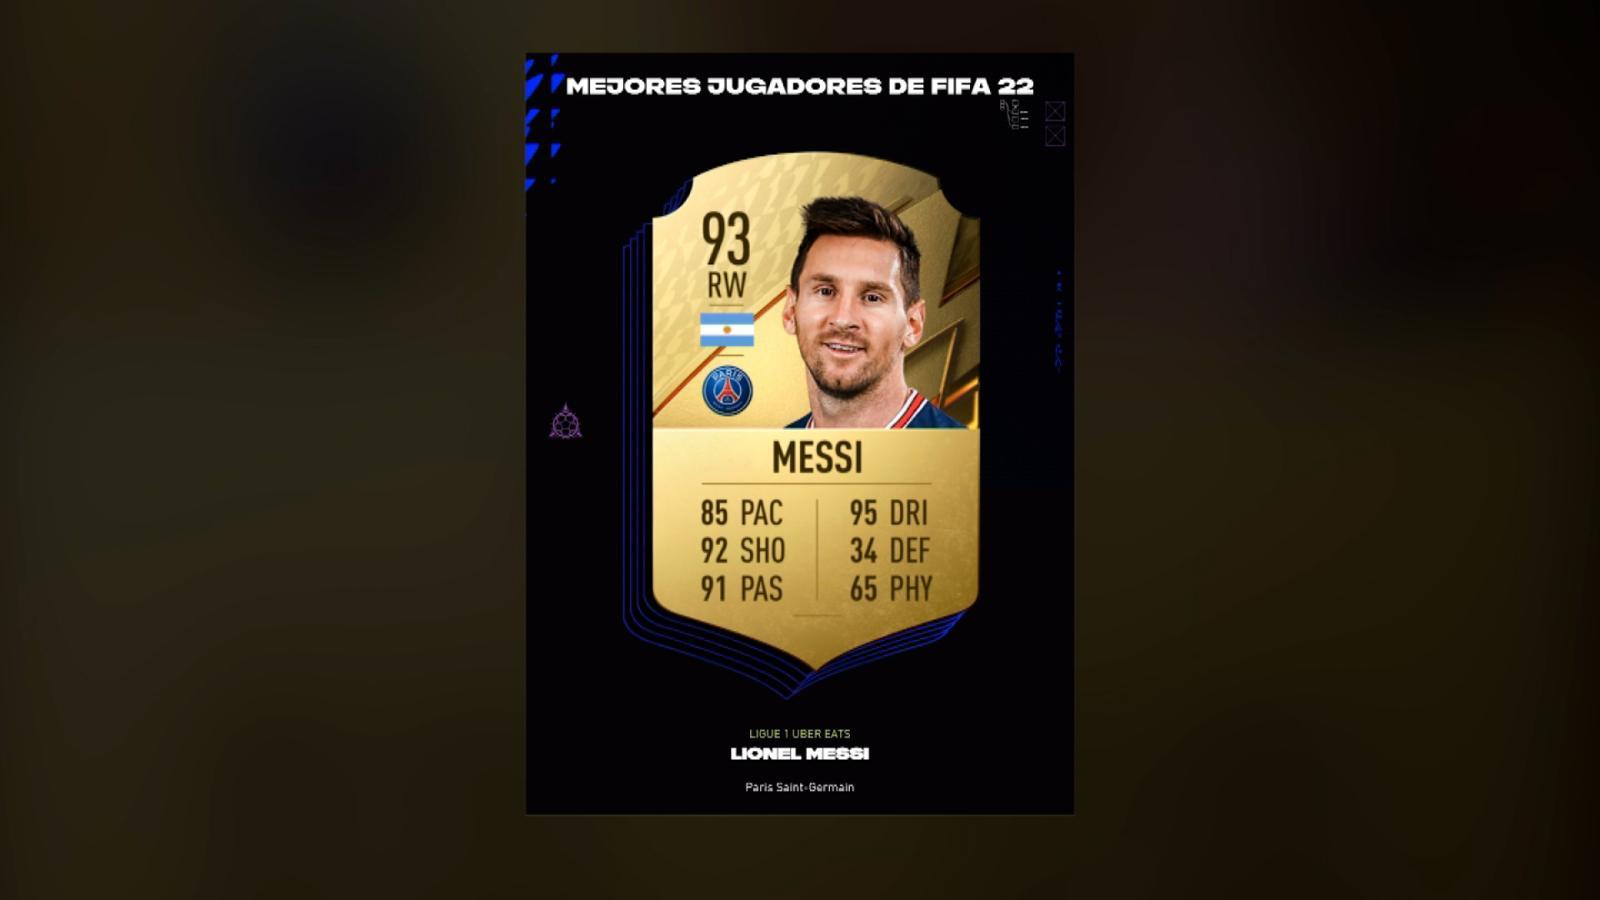 Messi es el mejor jugador del FIFA 22. Esta es la lista completa que dio a conocer EA Sports | Video